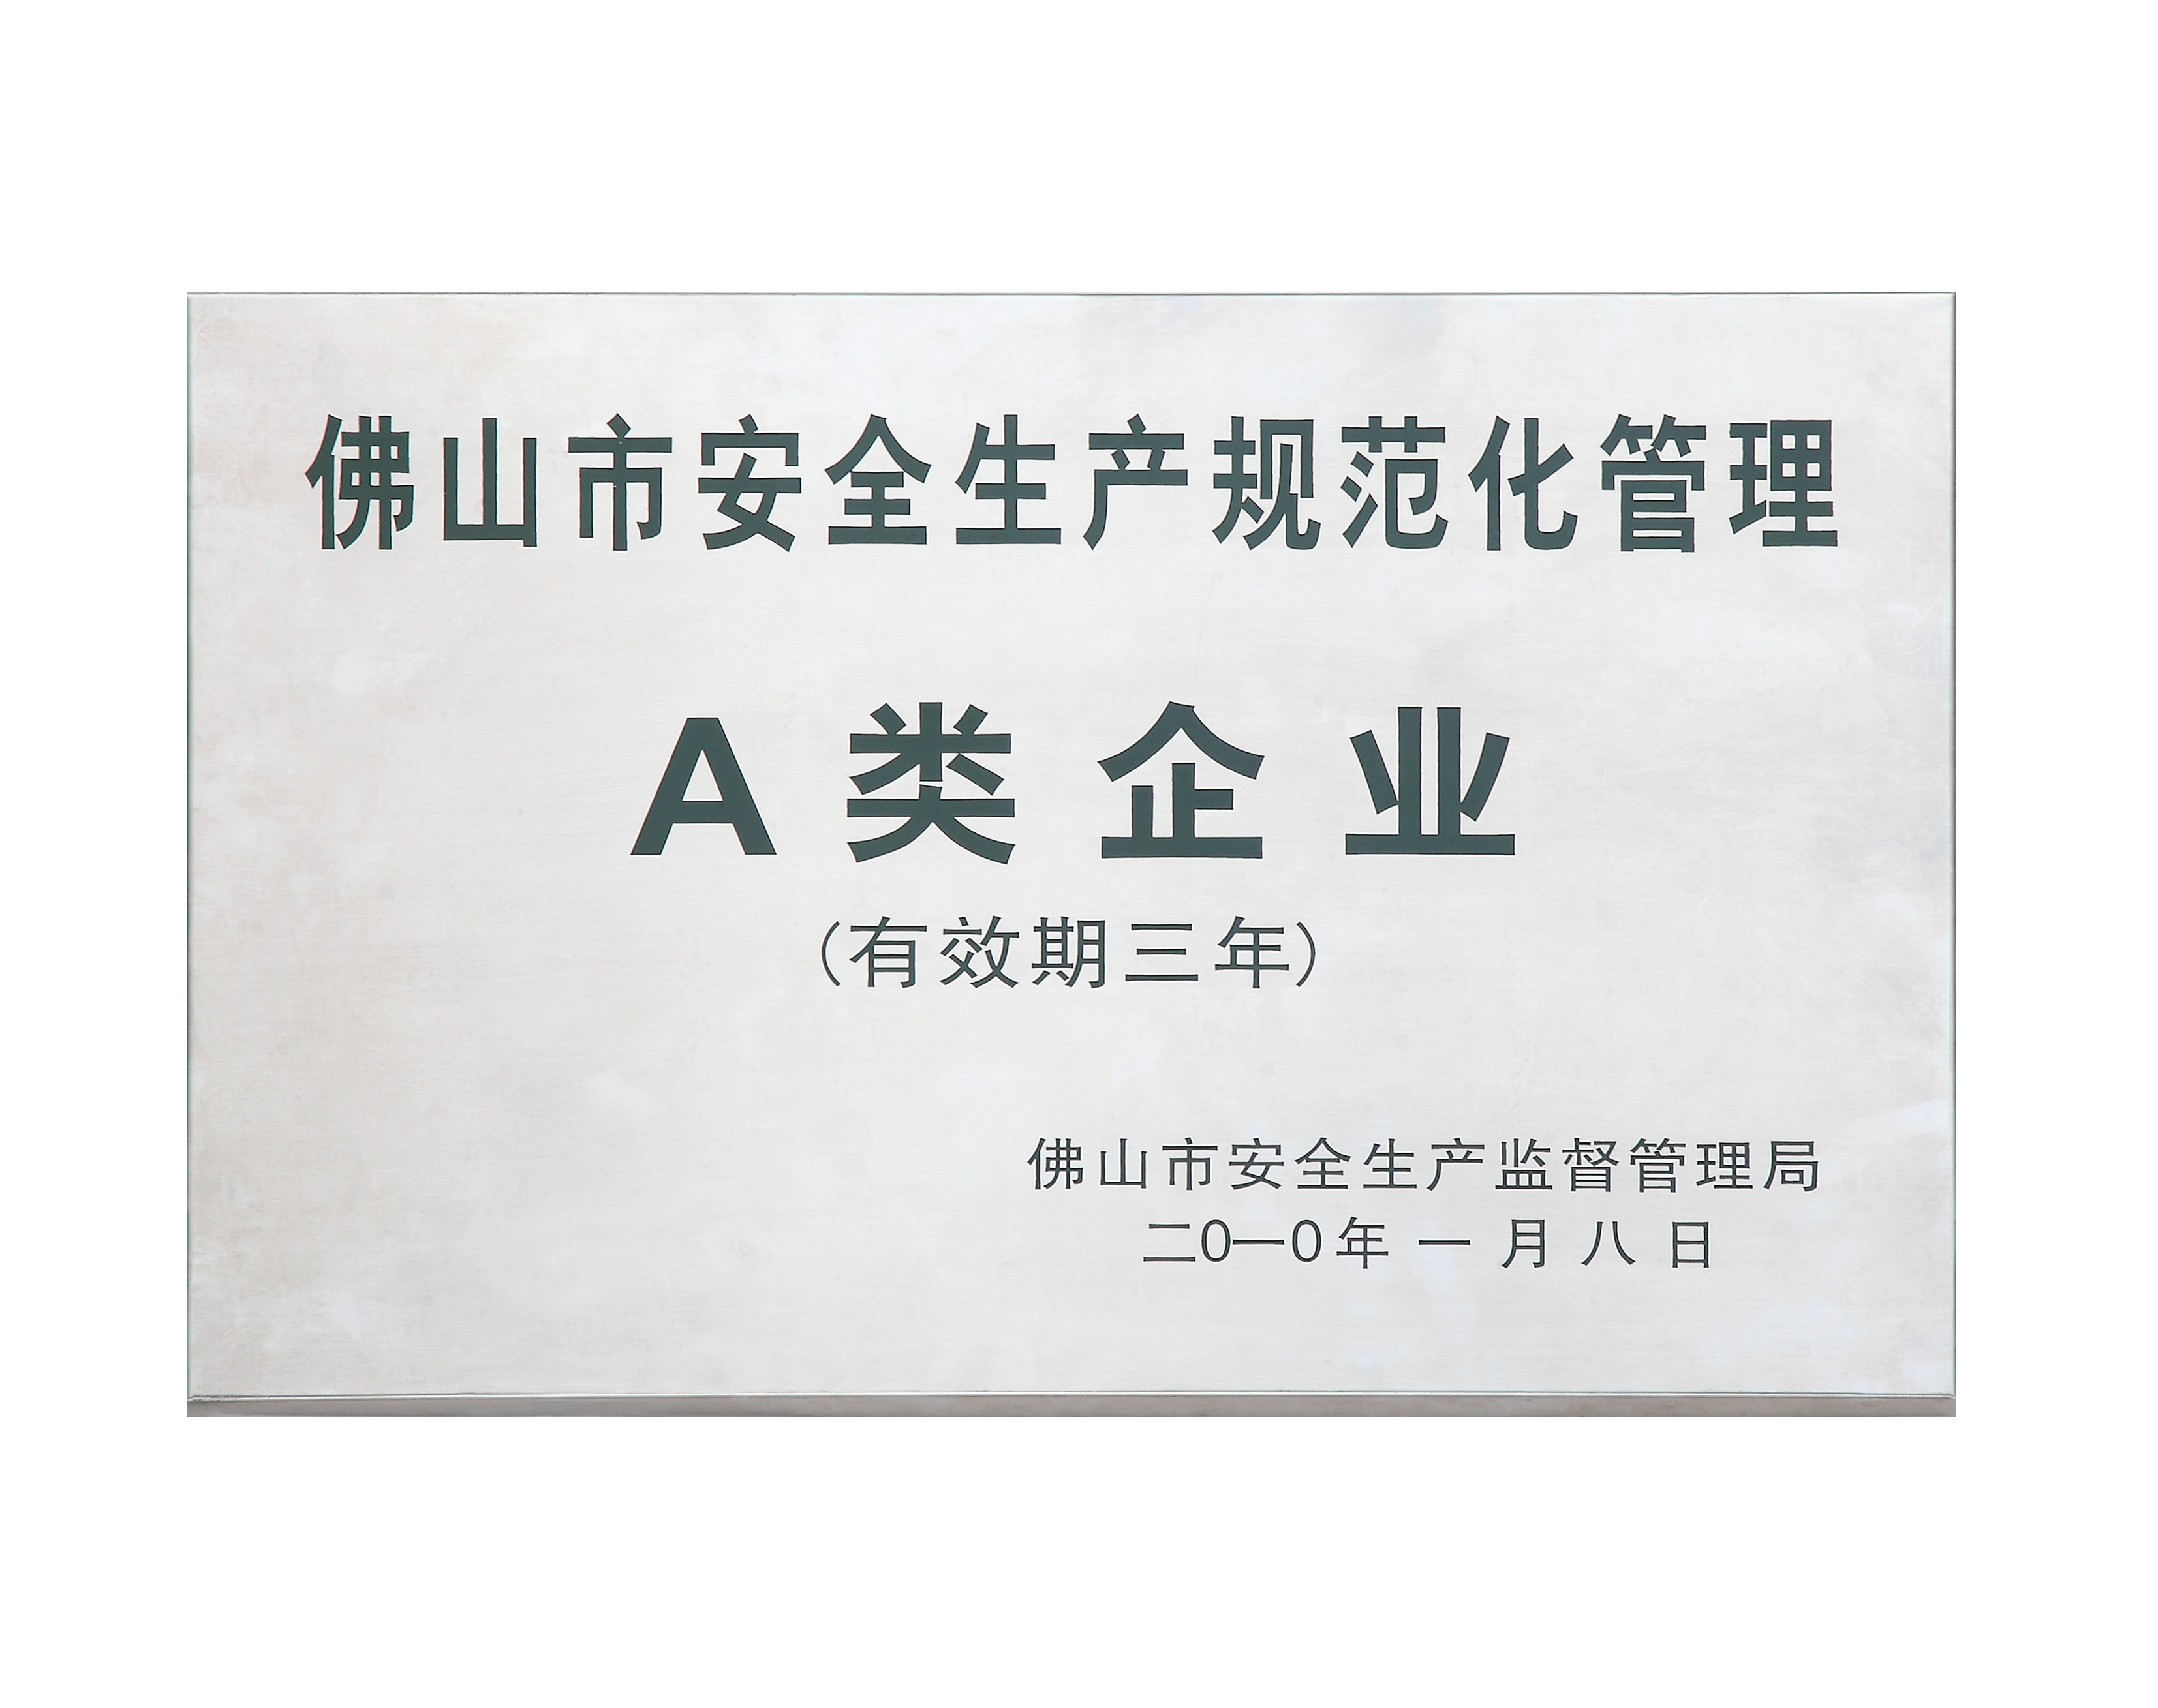 安全生产规范化管理A类企业-美联荣誉